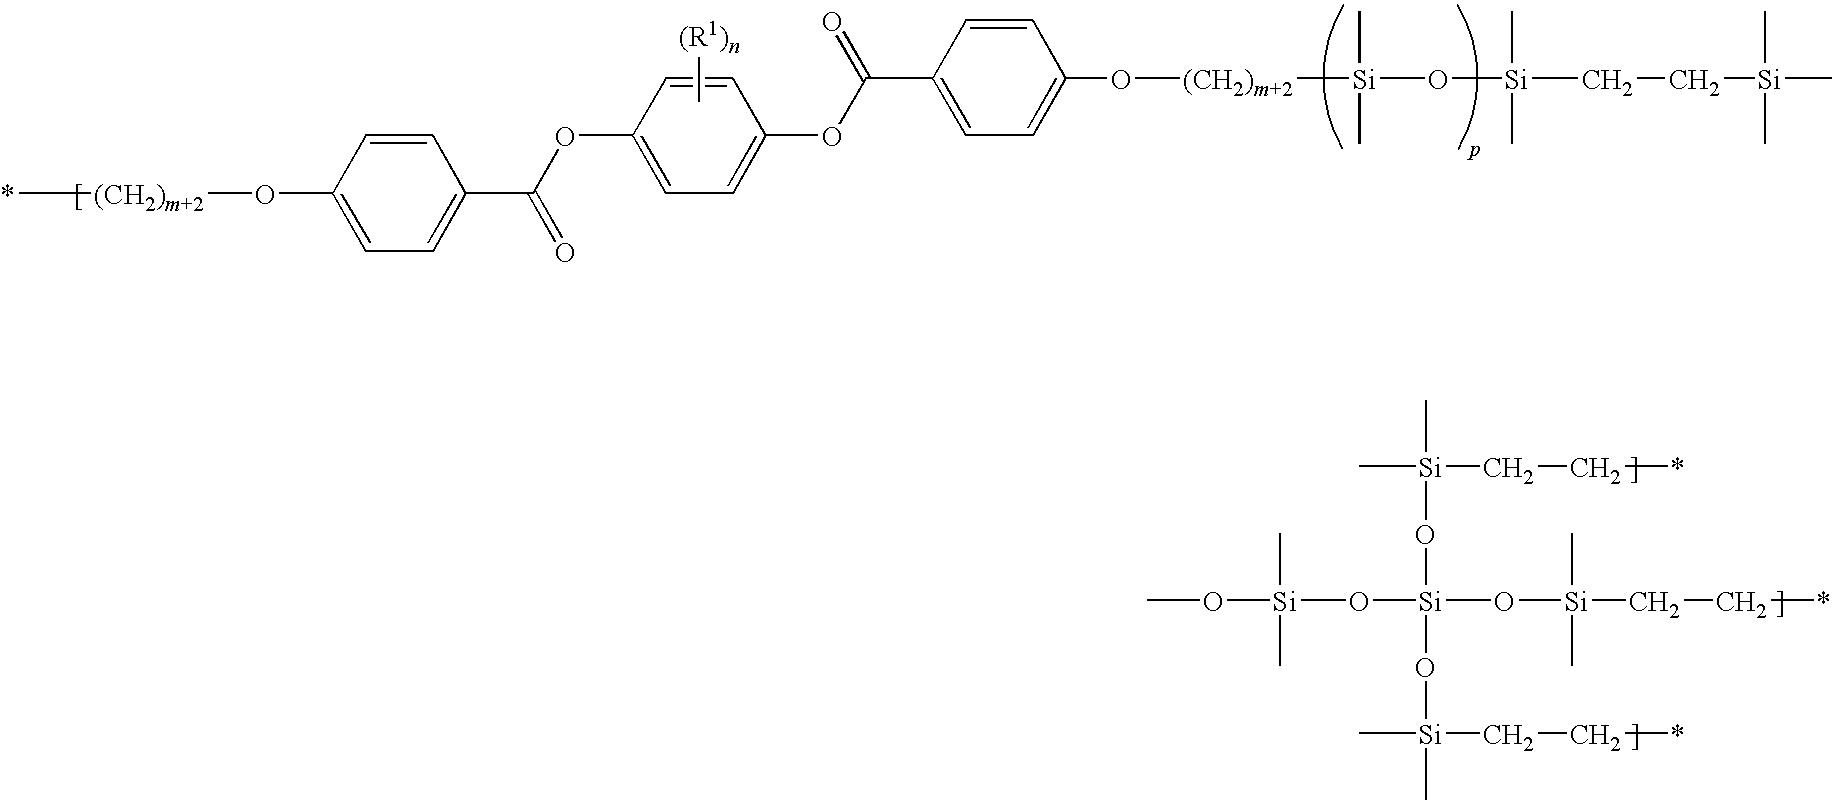 Figure US07799243-20100921-C00017